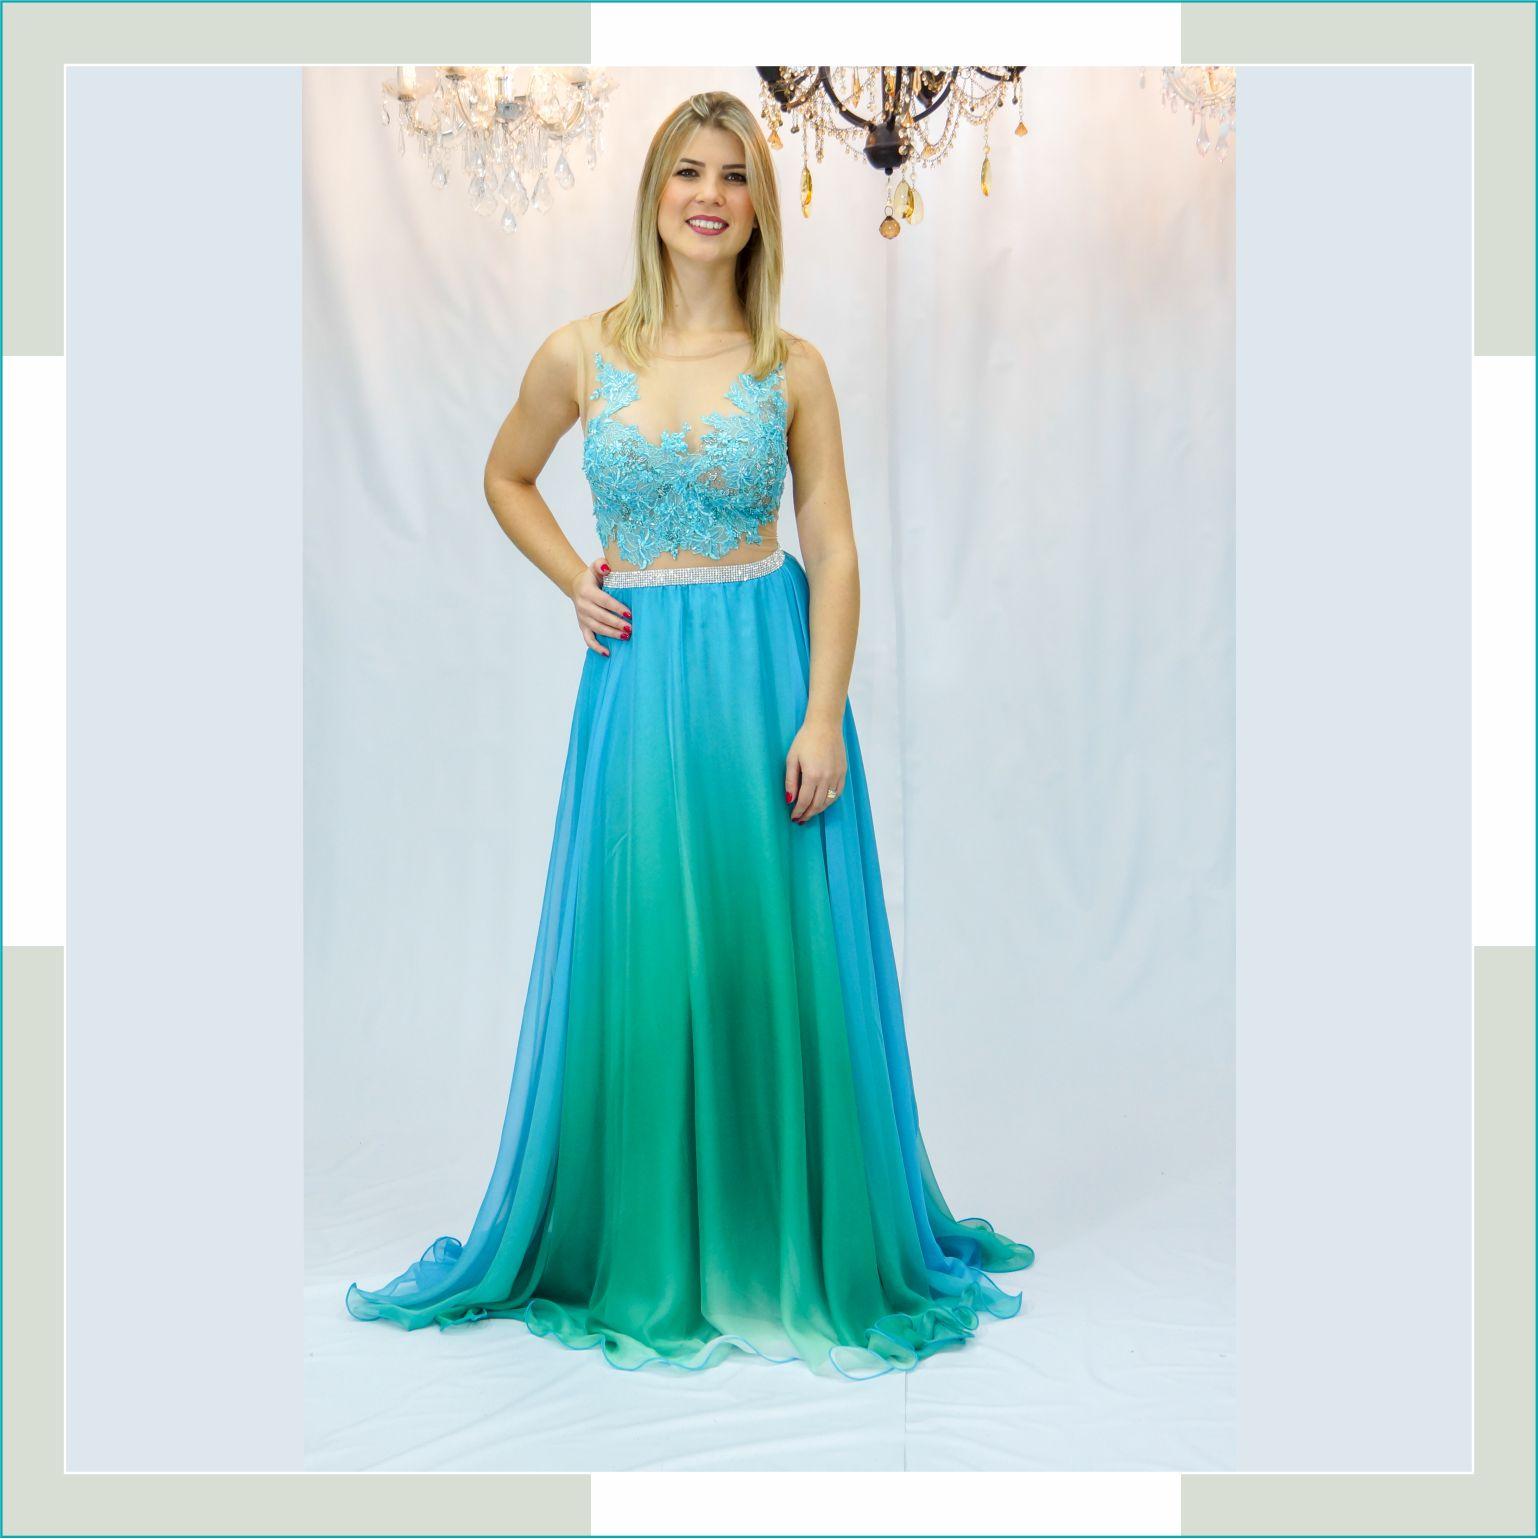 Vestido de festa azul e verde  - FERRONI STORE ROUPAS E ACESSÓRIOS